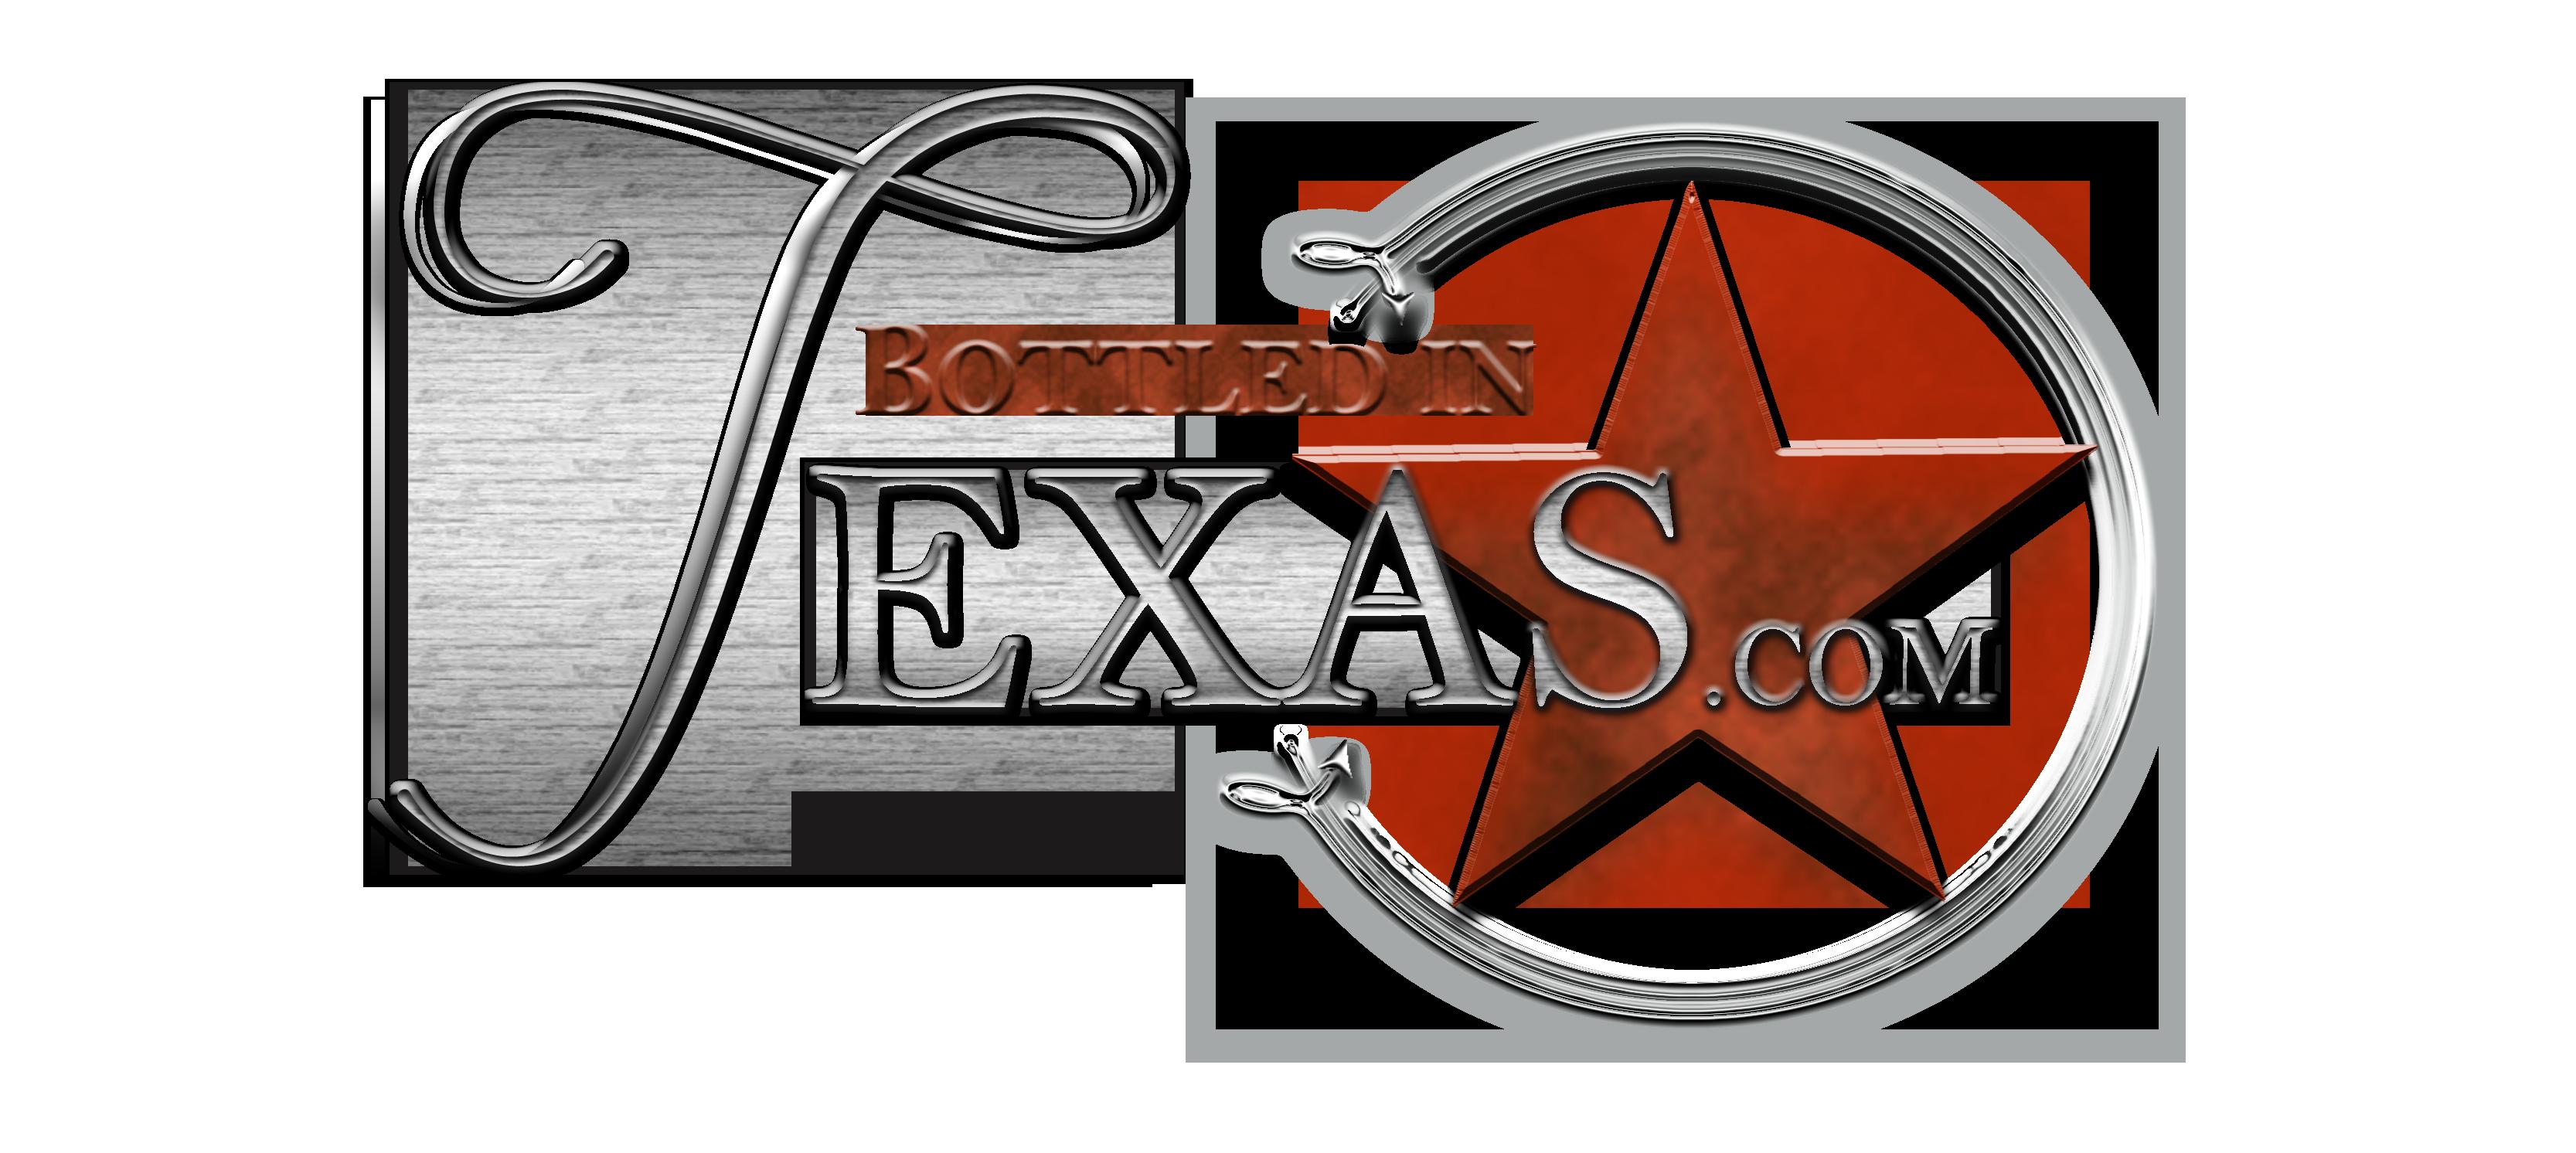 Bottled in Texas